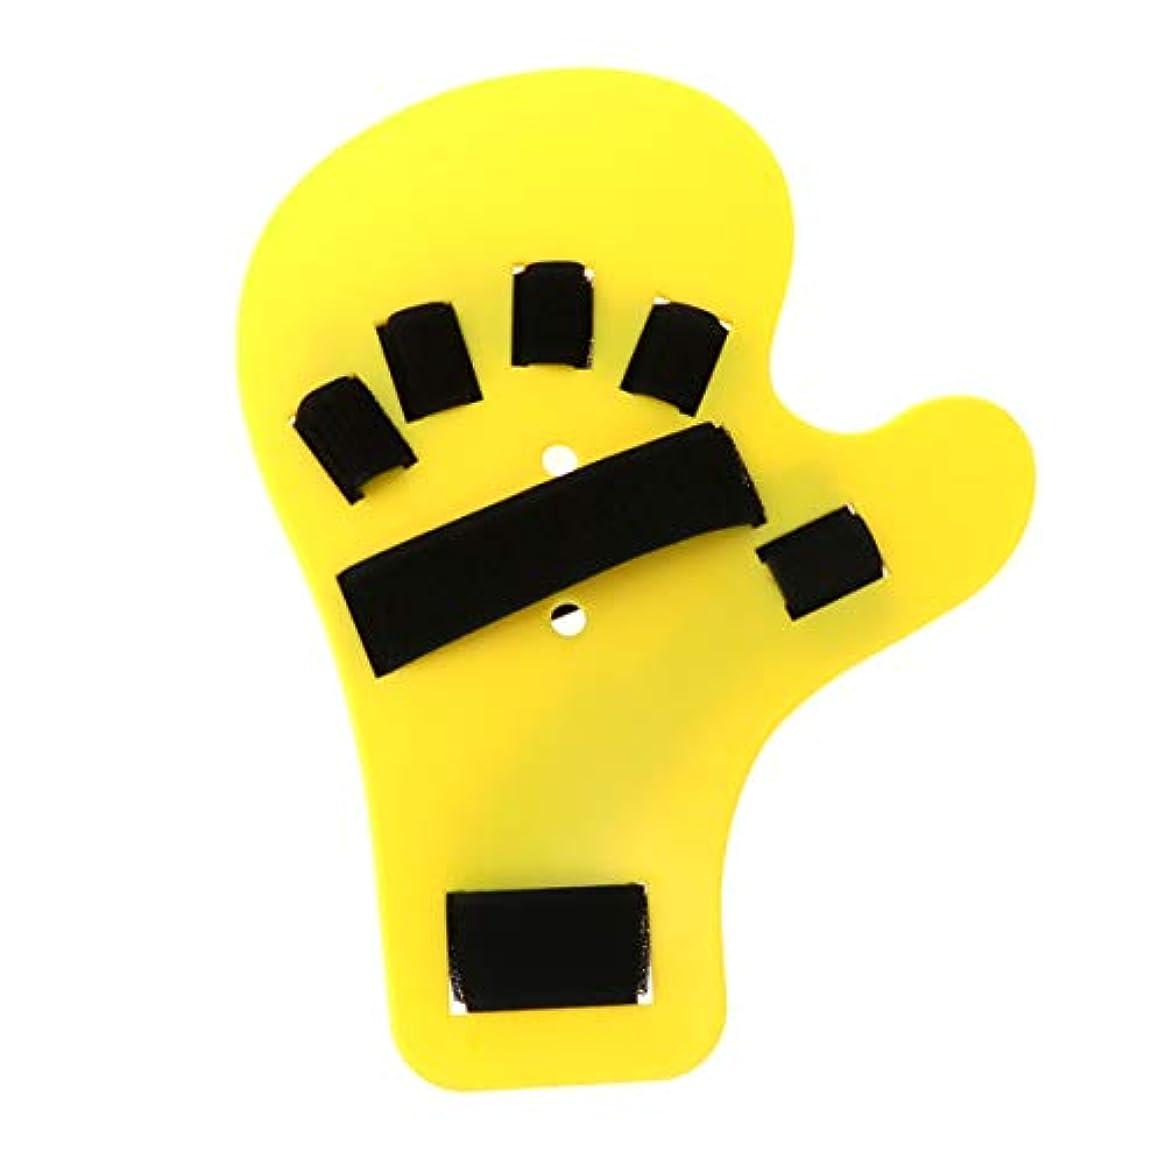 ハードウェア酸度ピニオンSUPVOX 指装具指板ストロークハンドスプリントトレーニングサポートハンド手首トレーニング右手用装具デバイス